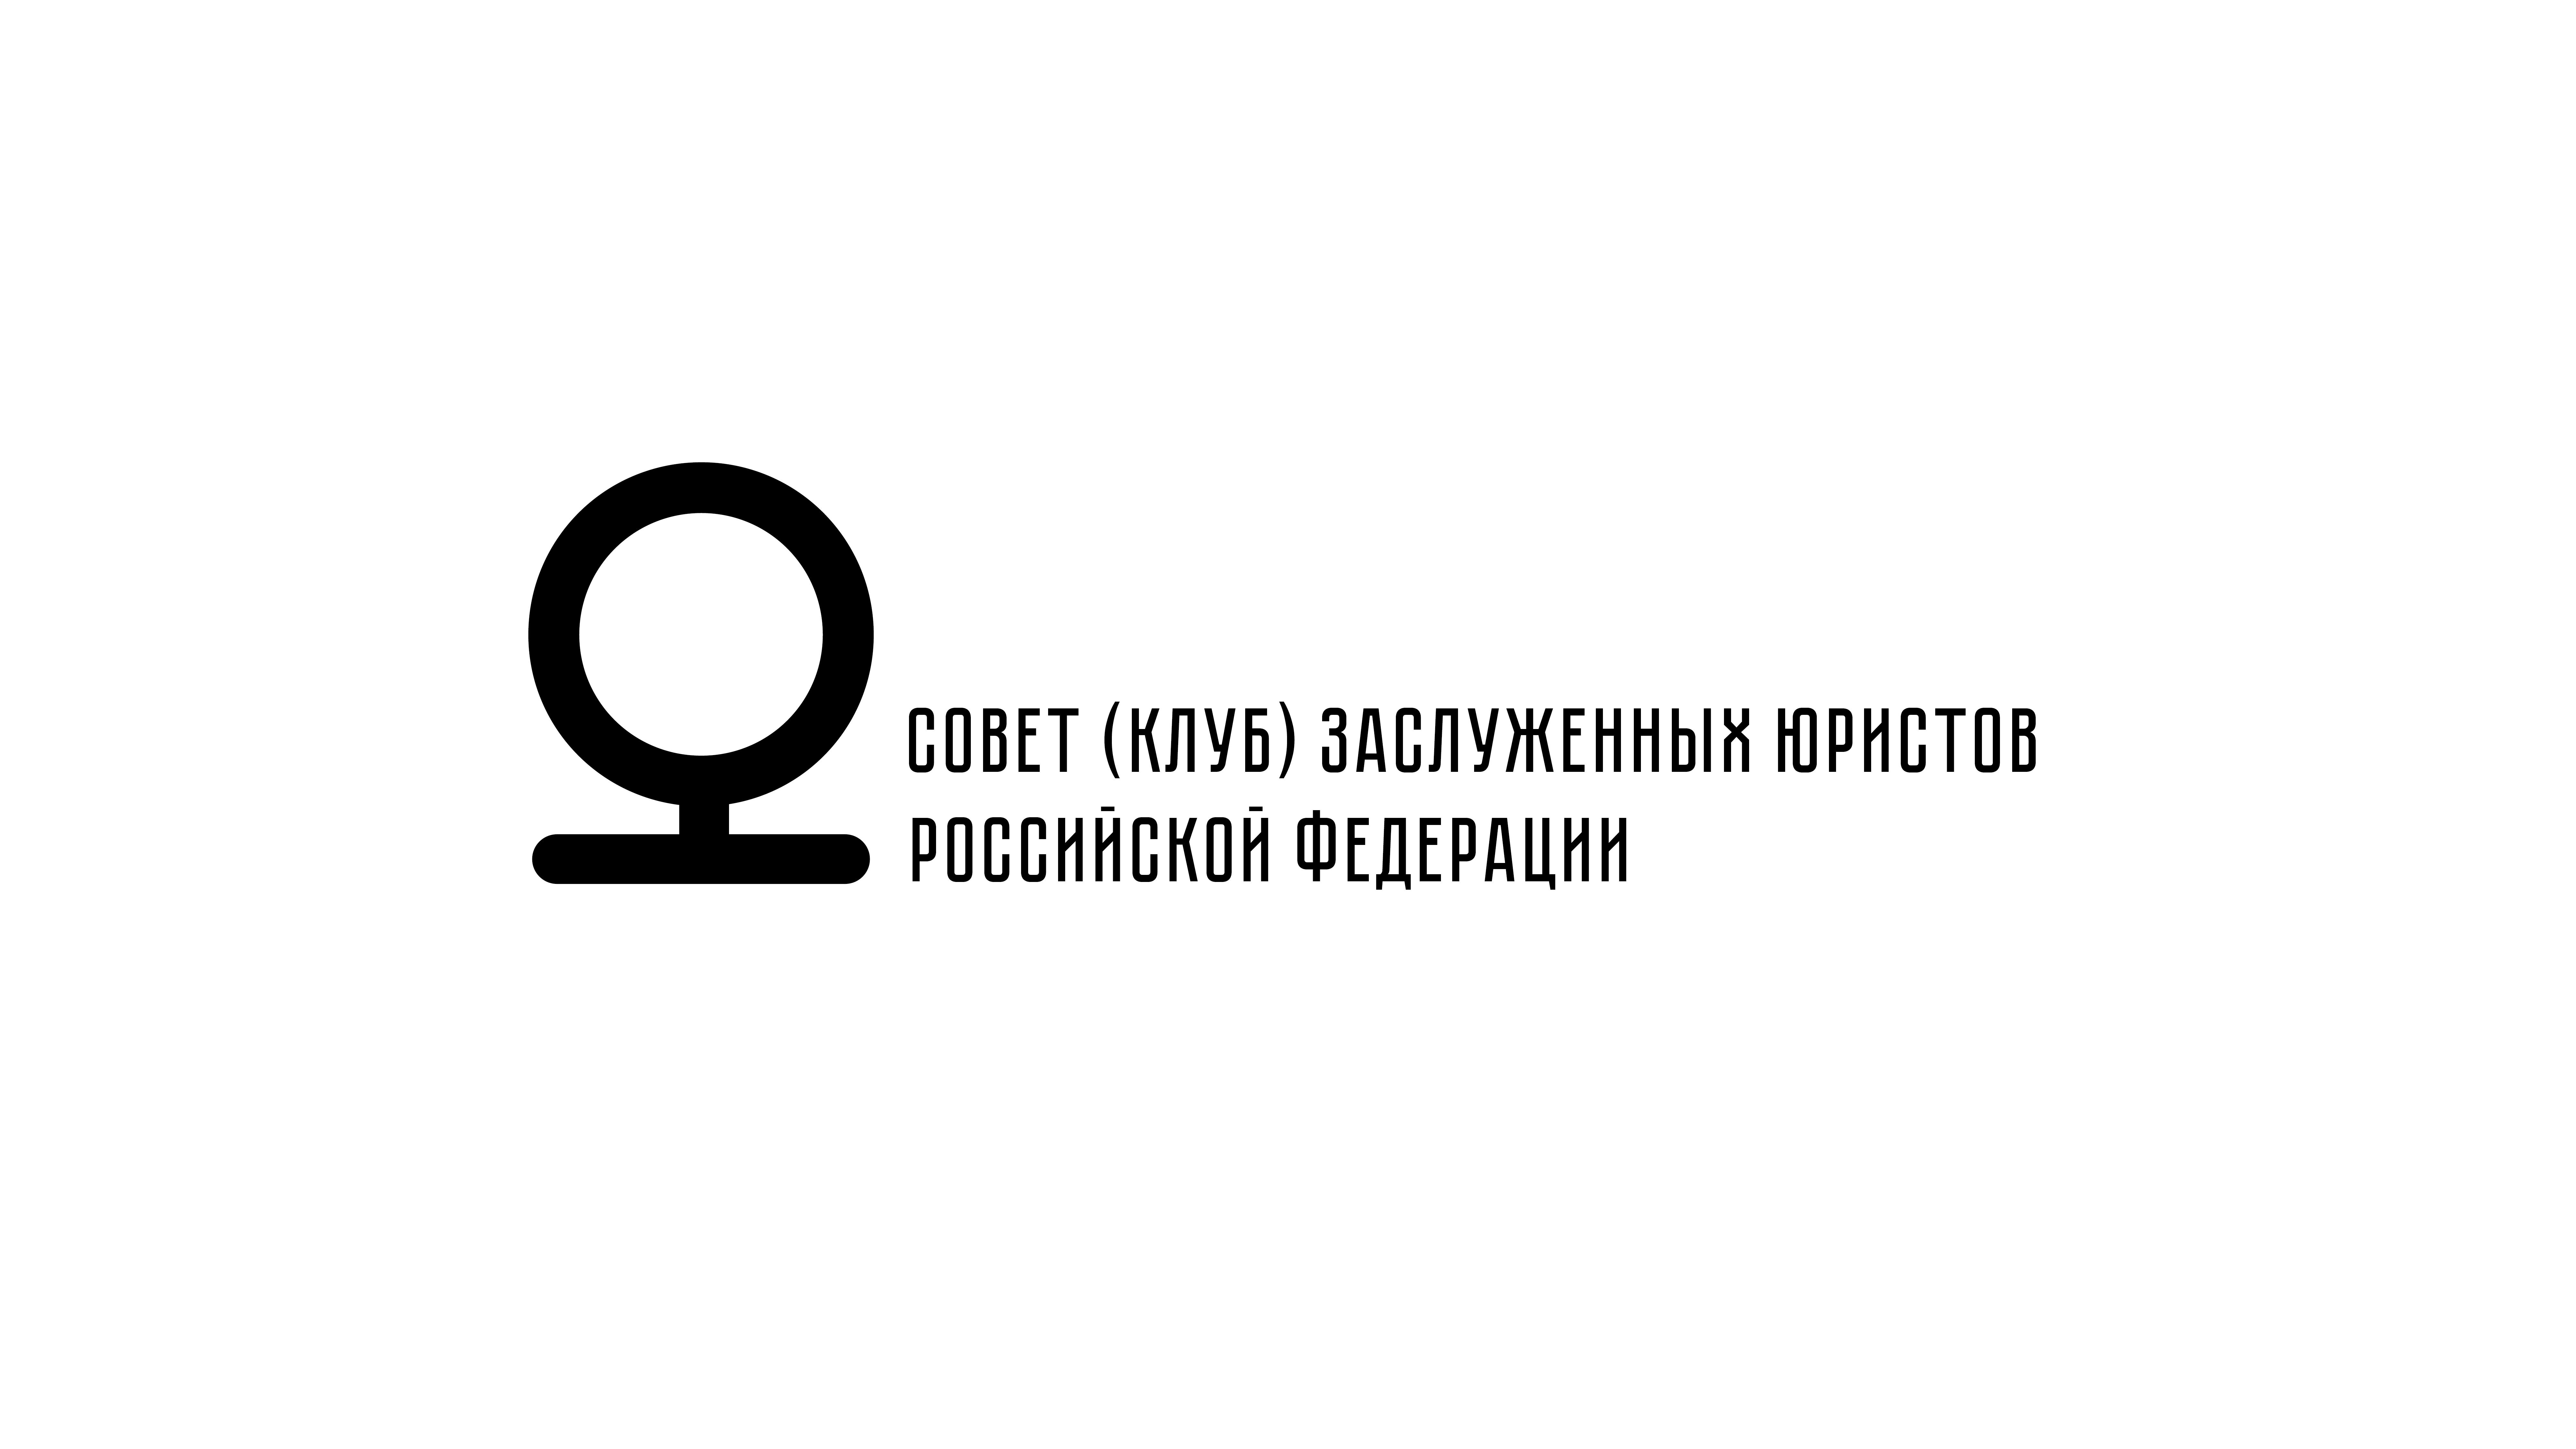 Разработка логотипа Совета (Клуба) заслуженных юристов Российской Федерации фото f_5875e3d93c34ddf9.png